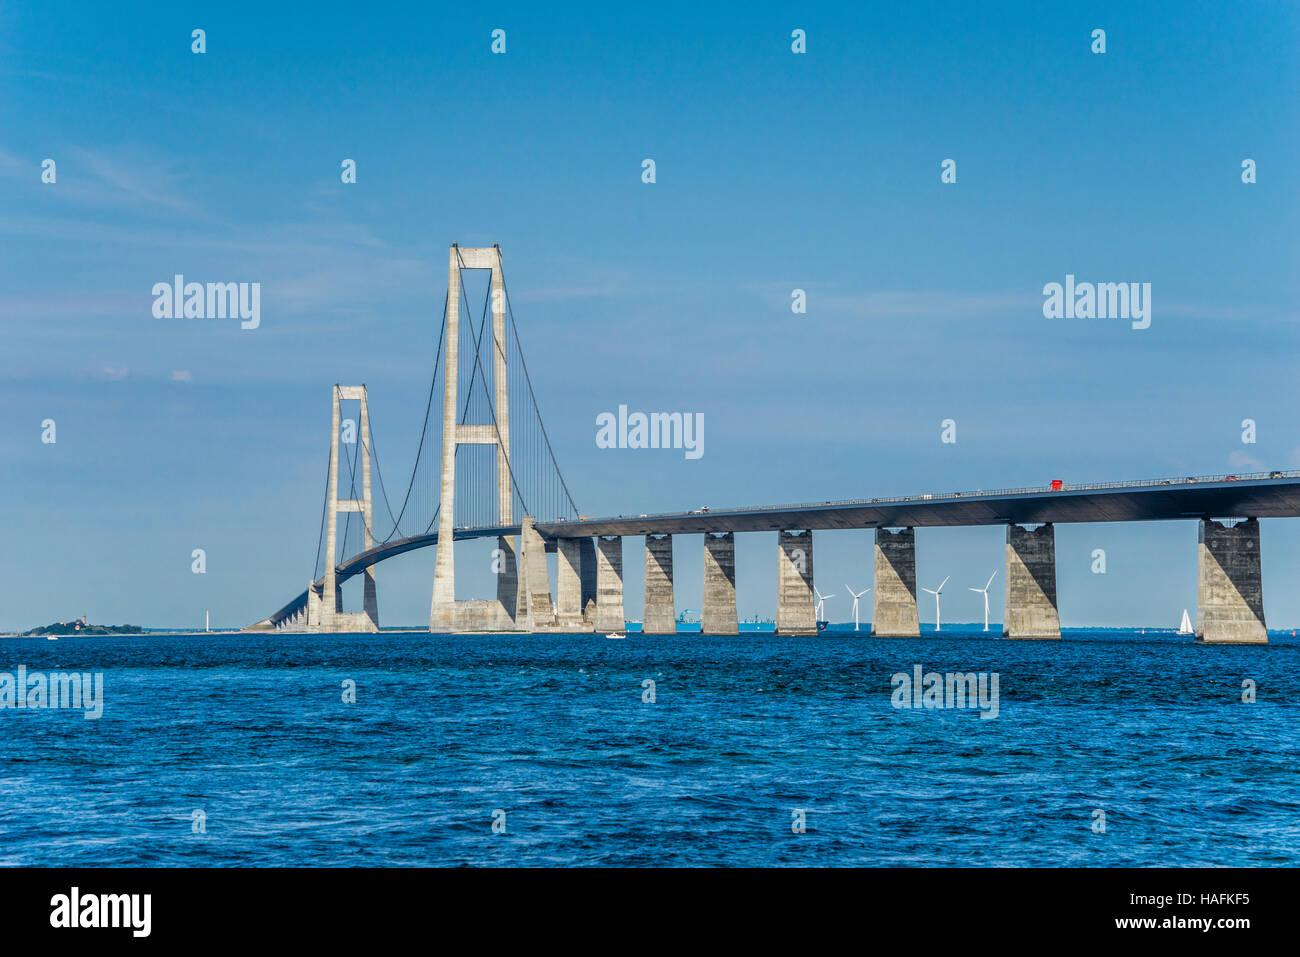 Denmark, Great Belt Bridge, connecting the islands of Funen and Zealand across the Great Belt - Stock Image